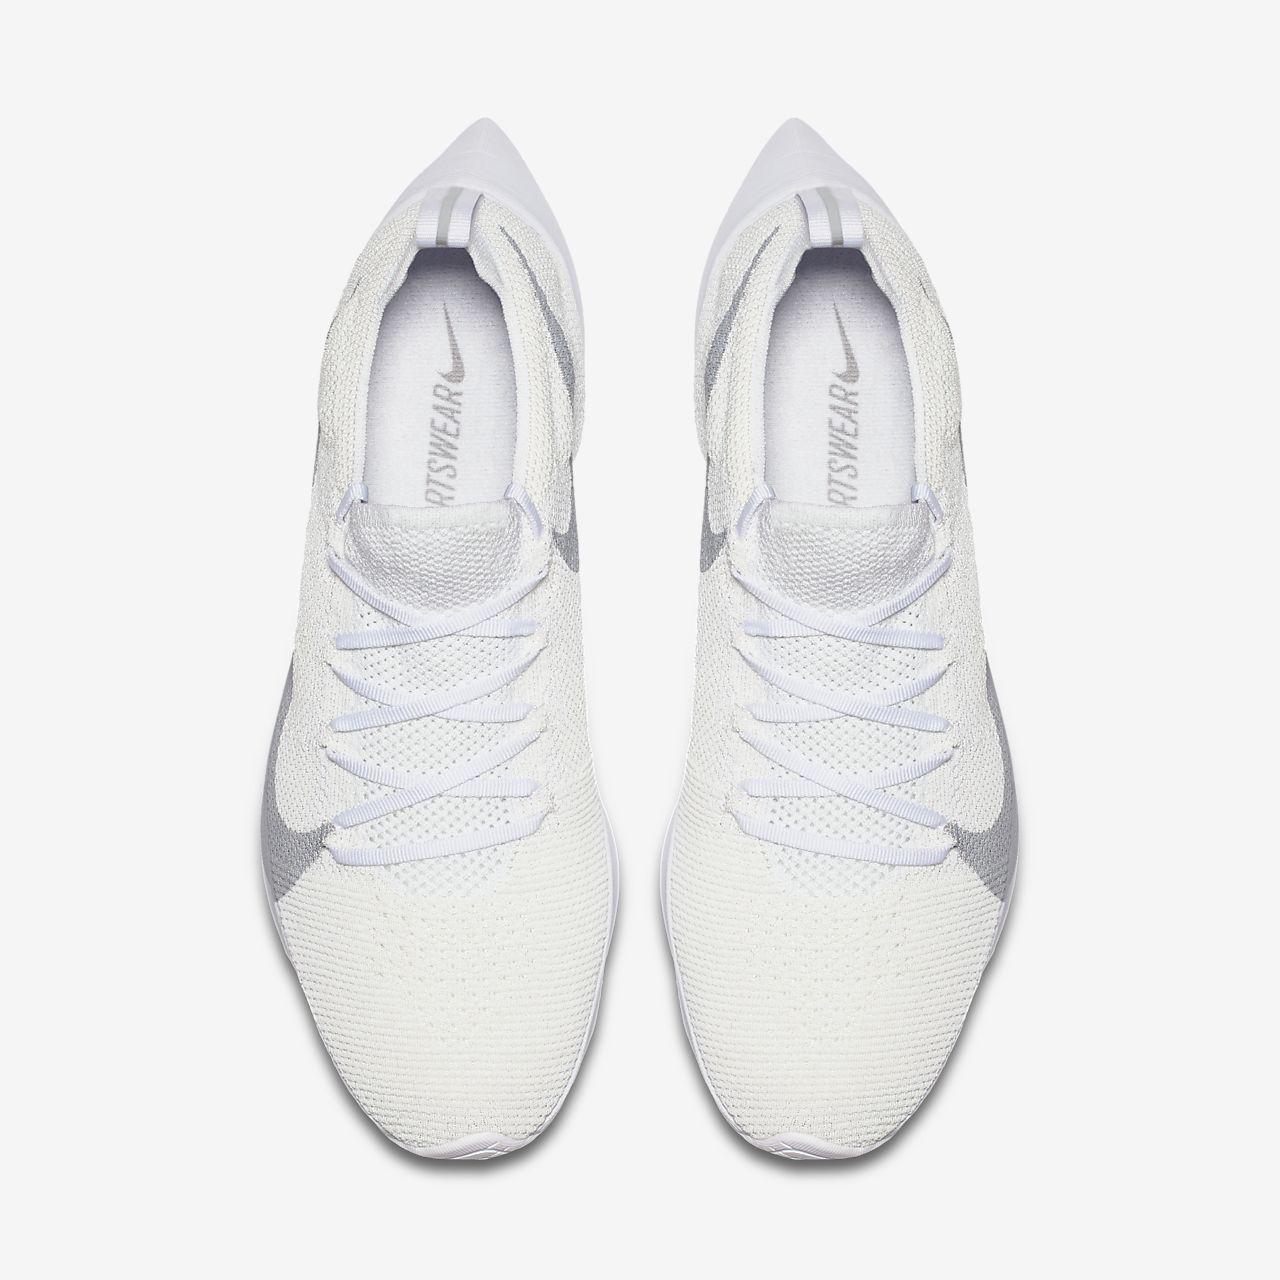 09a29b40c98 Nike React Vapor Street Flyknit Men s Shoe. Nike.com LU